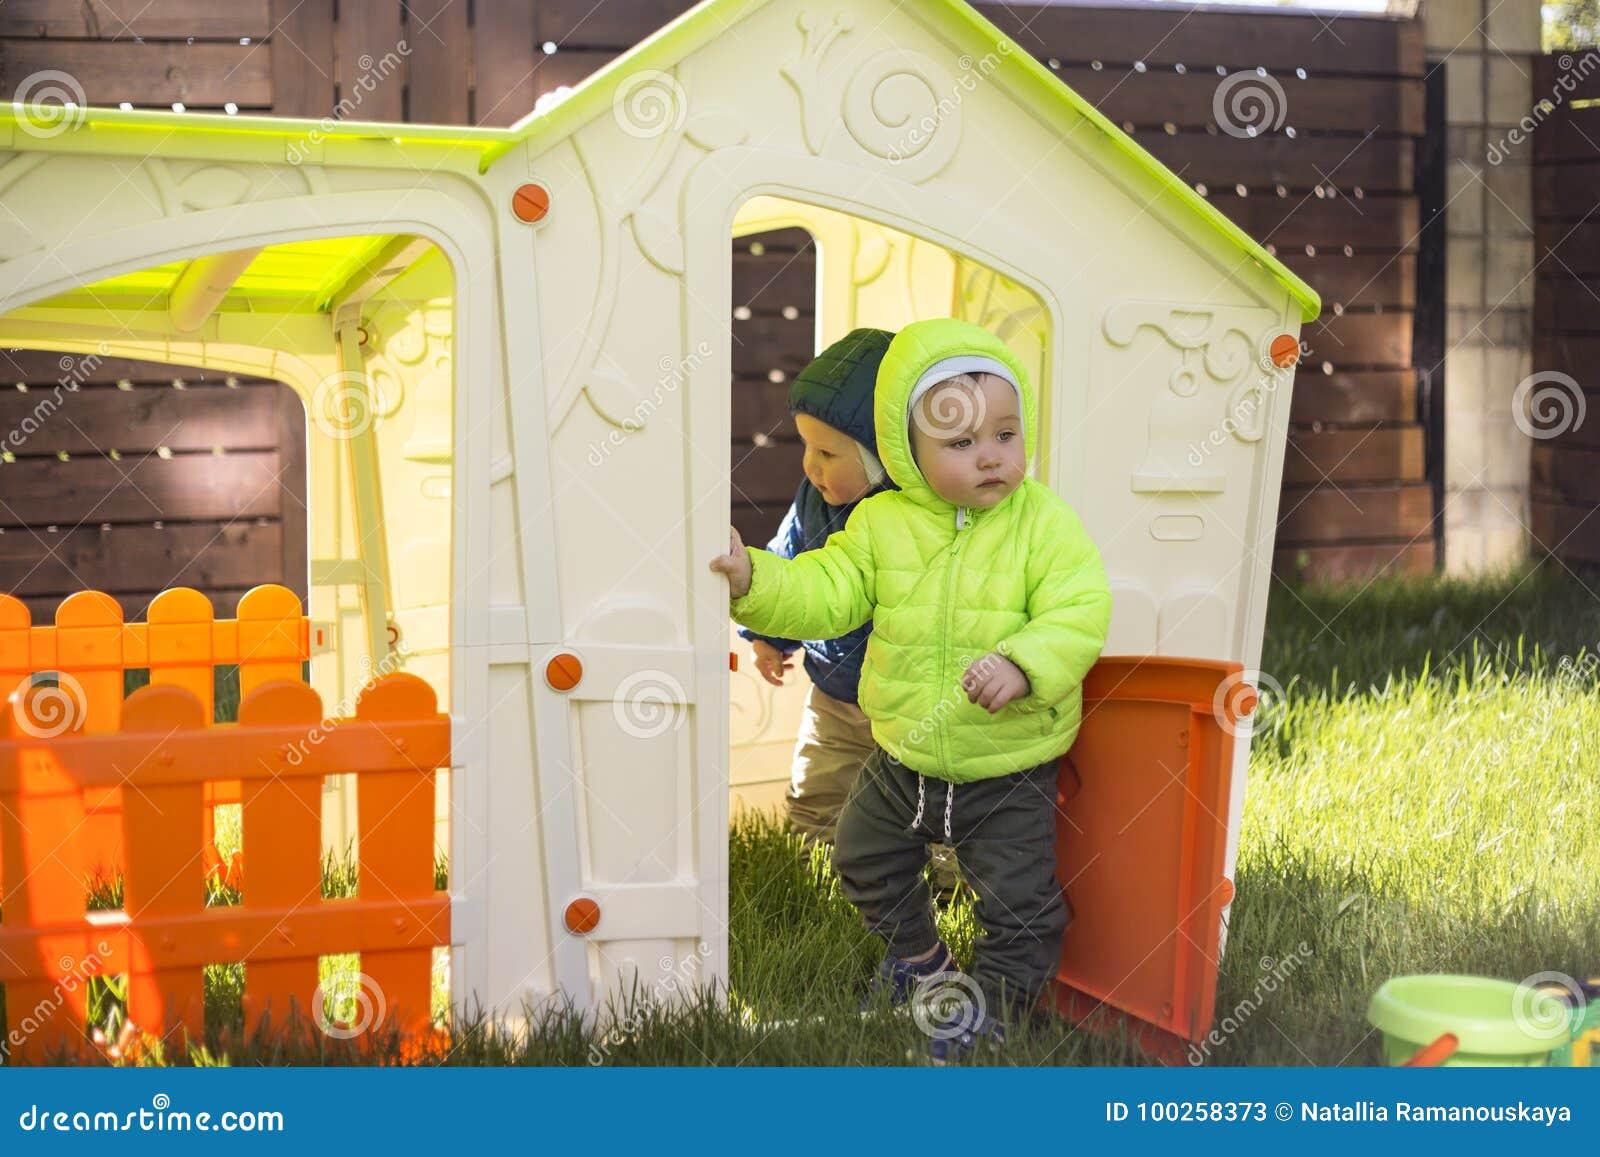 Twee heeft het tweelingbroersspel en pret in het speelplaats grote stuk speelgoed huis